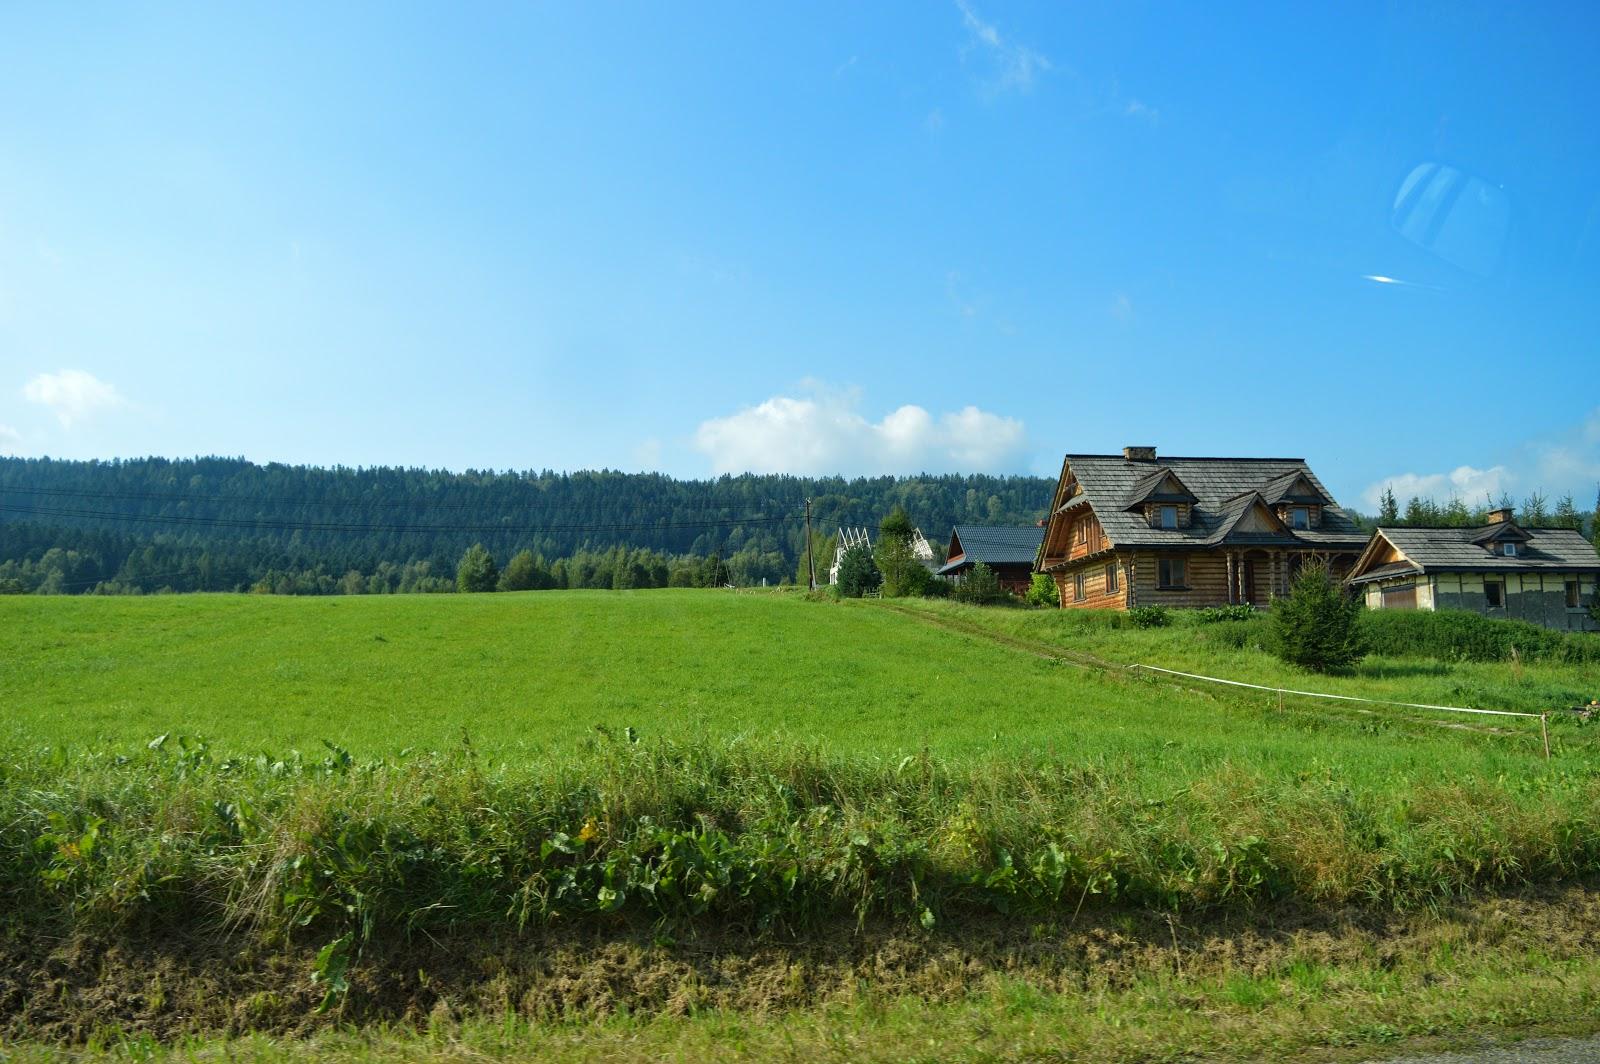 drewniany domek w bieszczadach, góry, bieszczady, rzucić wszystko i wyjechać w bieszczady, lutowiska, punkt widokowy